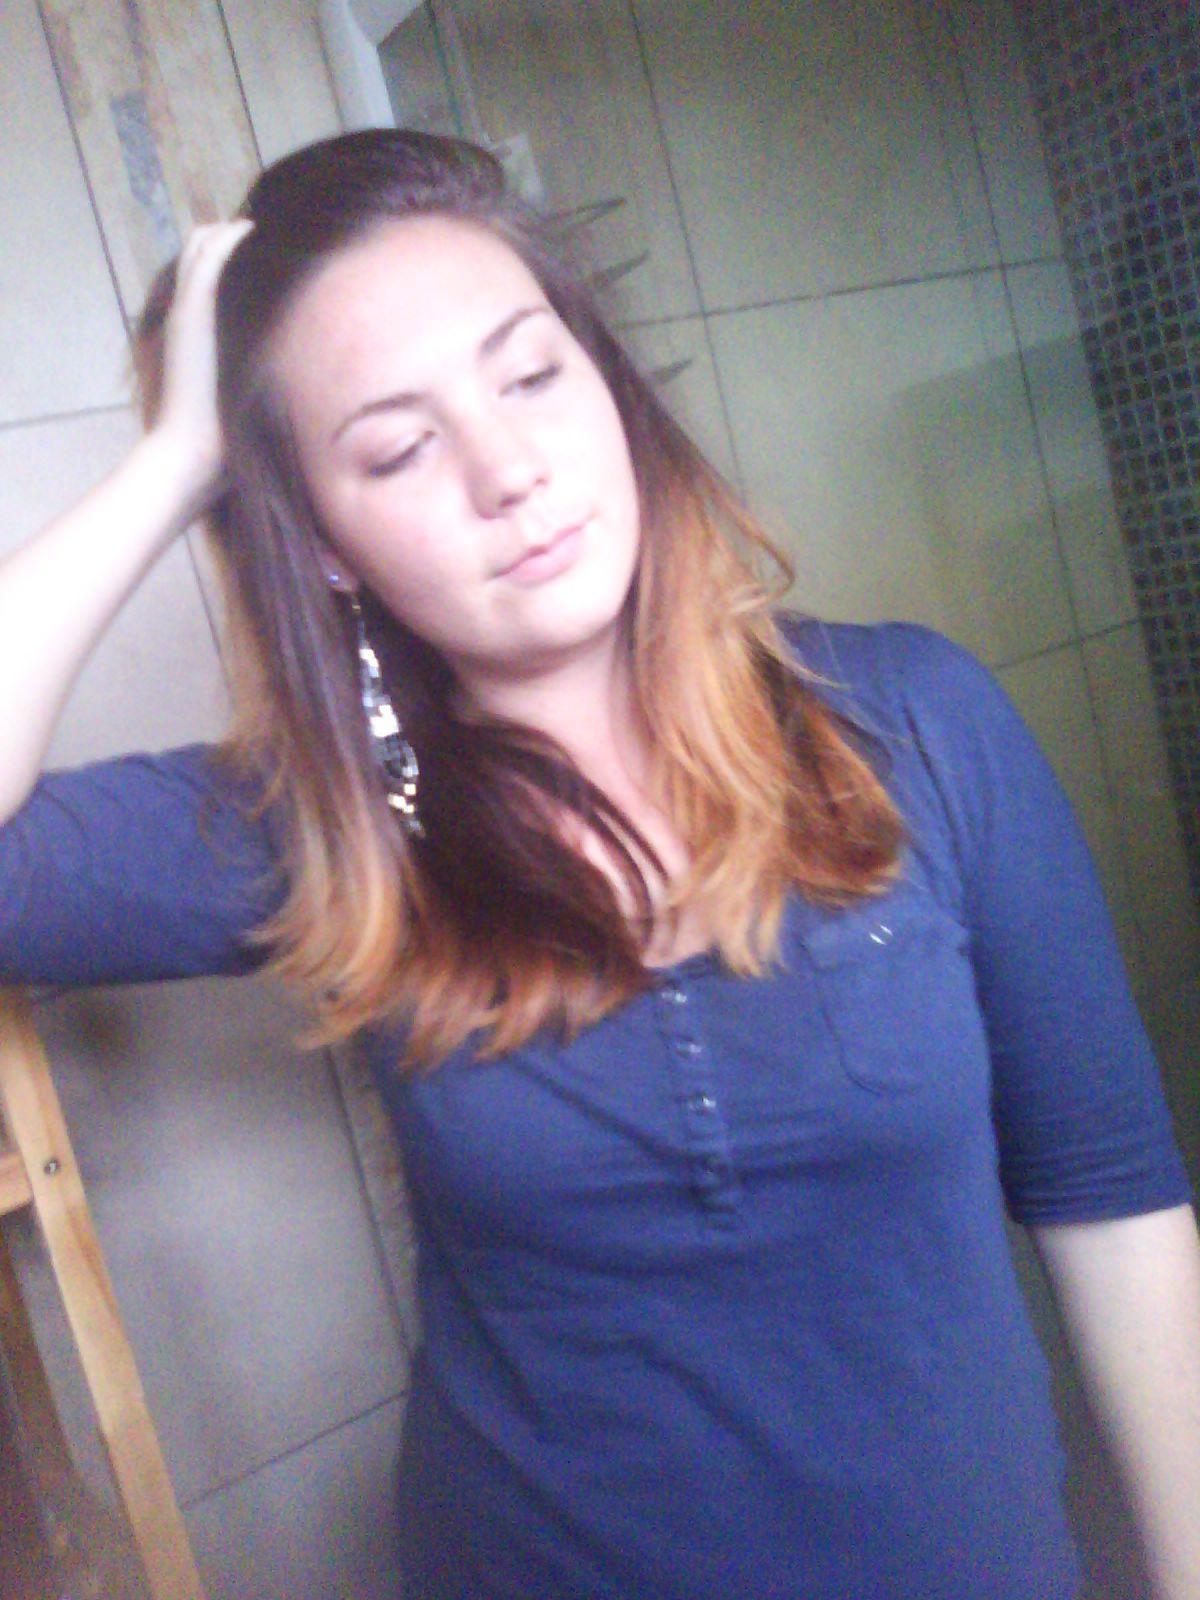 Moi aussi je veux un ombré hair naturel !!! jen ai fais horrible !!!! avec la décoloration garnier !!! jai bousiller mes cheveux !! (